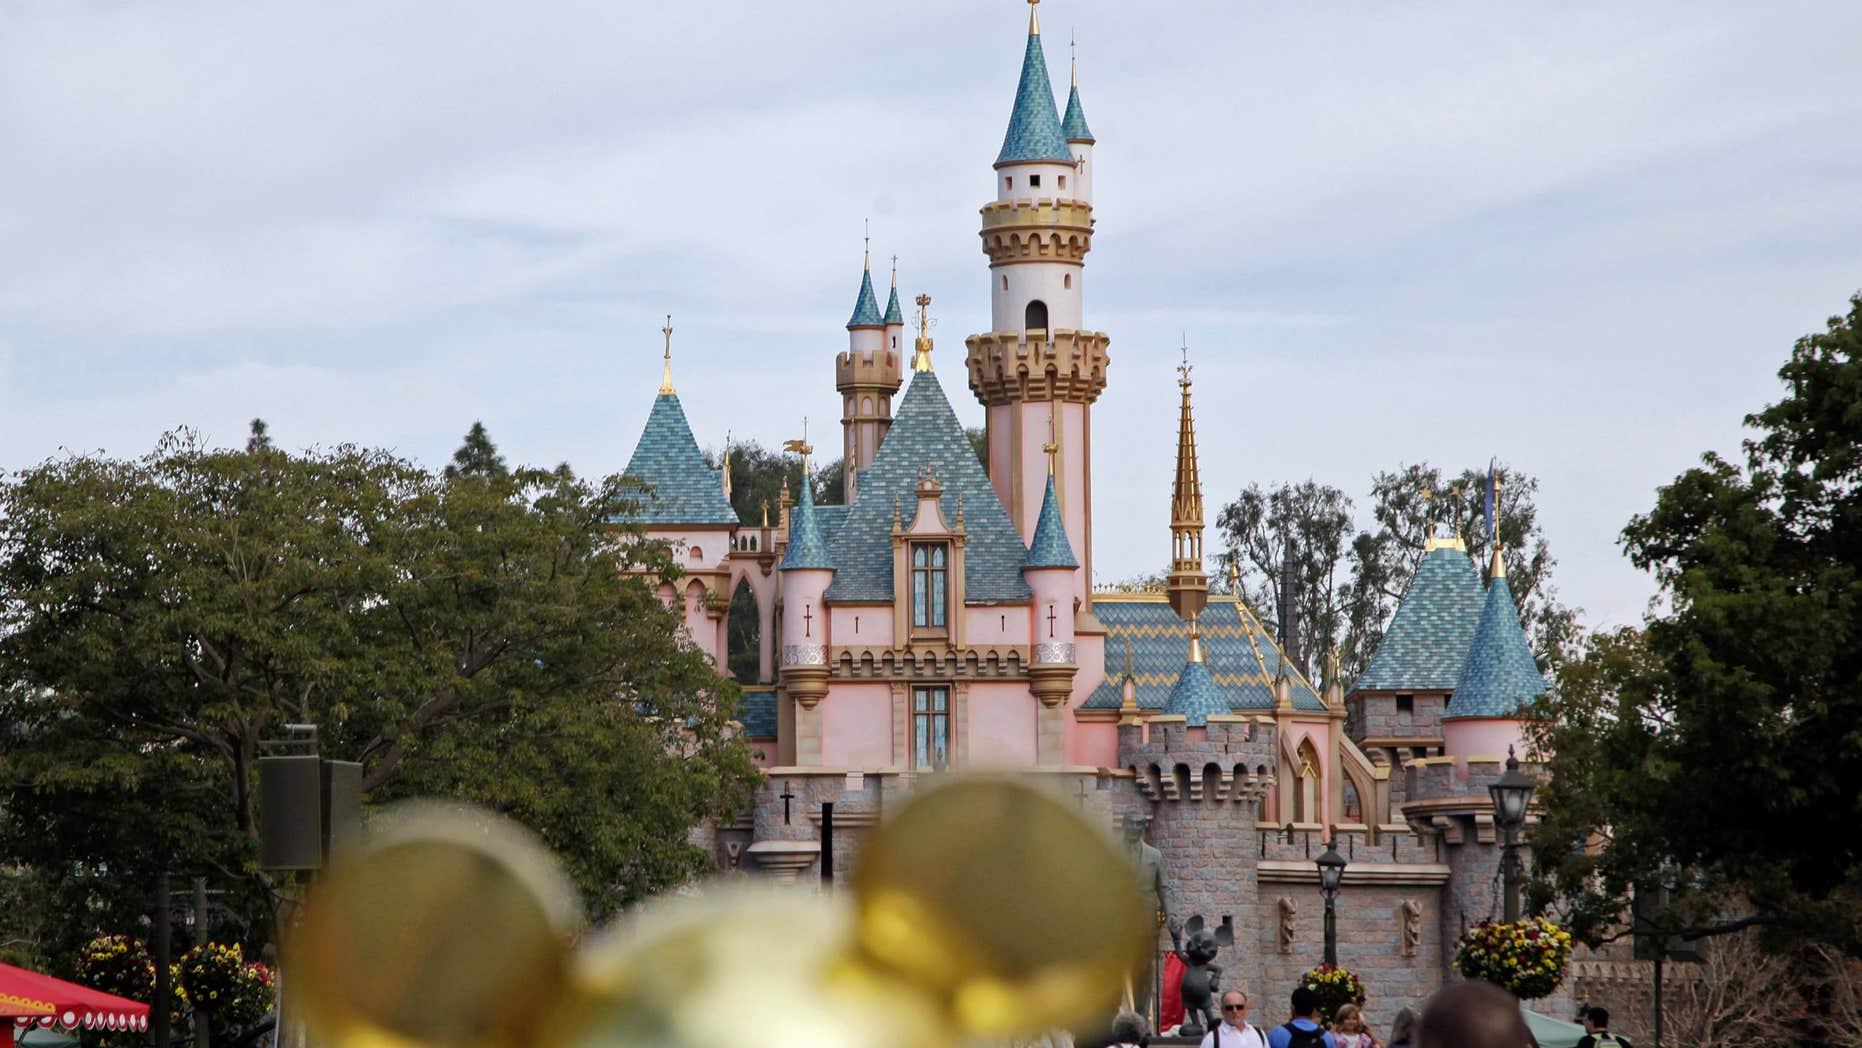 Jan. 22, 2015: In this file photo, people walk toward Sleeping Beauty's Castle at Disneyland in Anaheim, Calif.